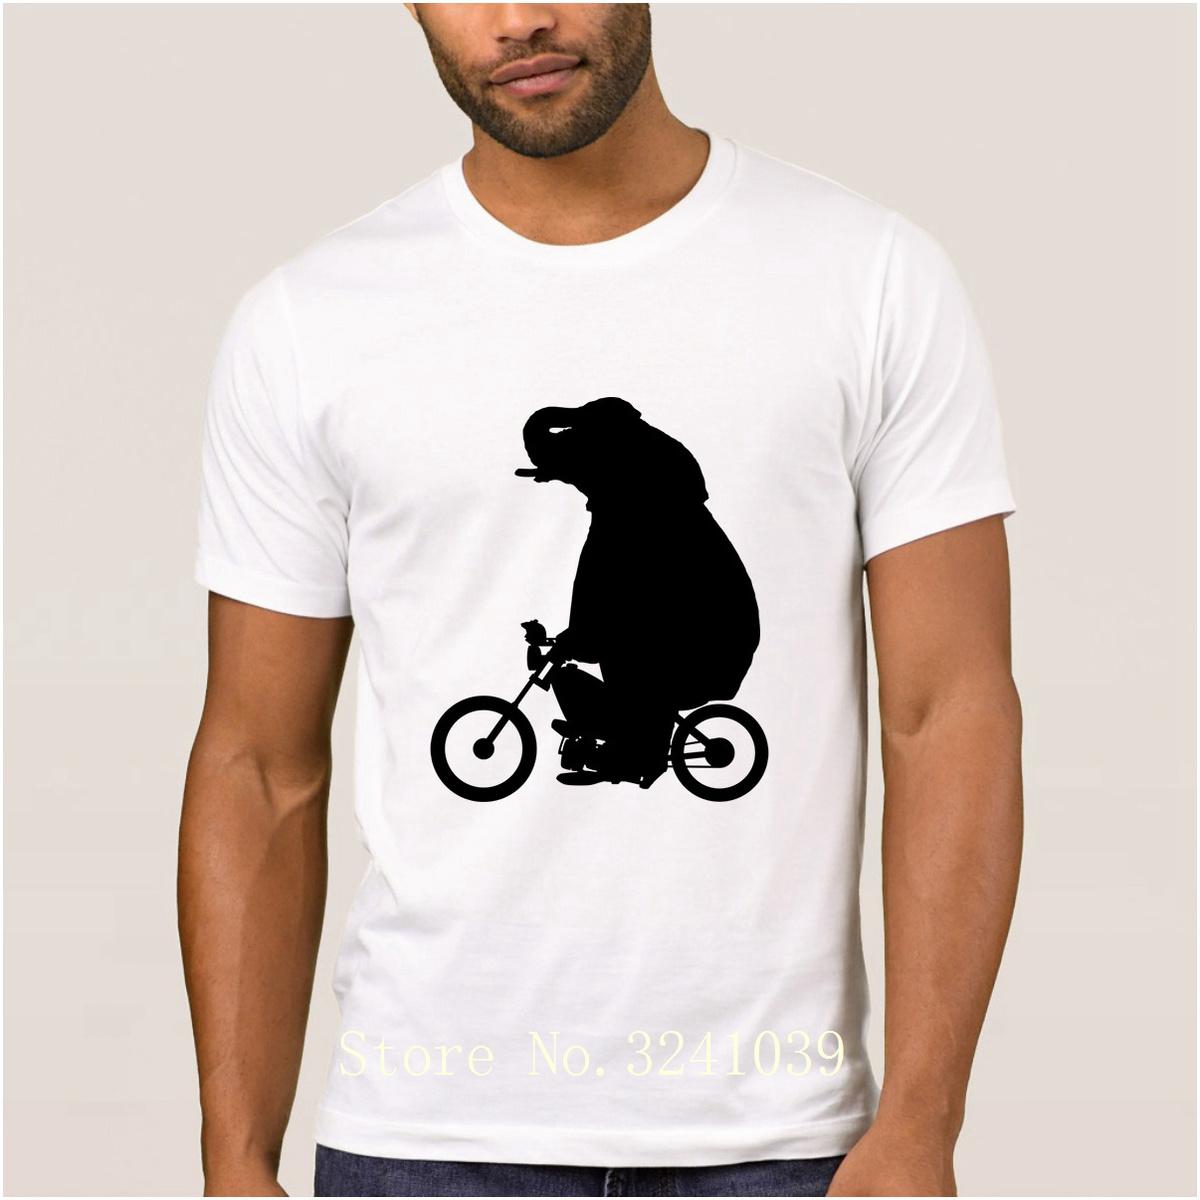 La Maxpa Customized Humor amistad más allá de las fronteras vector camiseta para hombres 2017 Camiseta de fitness novedad camiseta para hombre